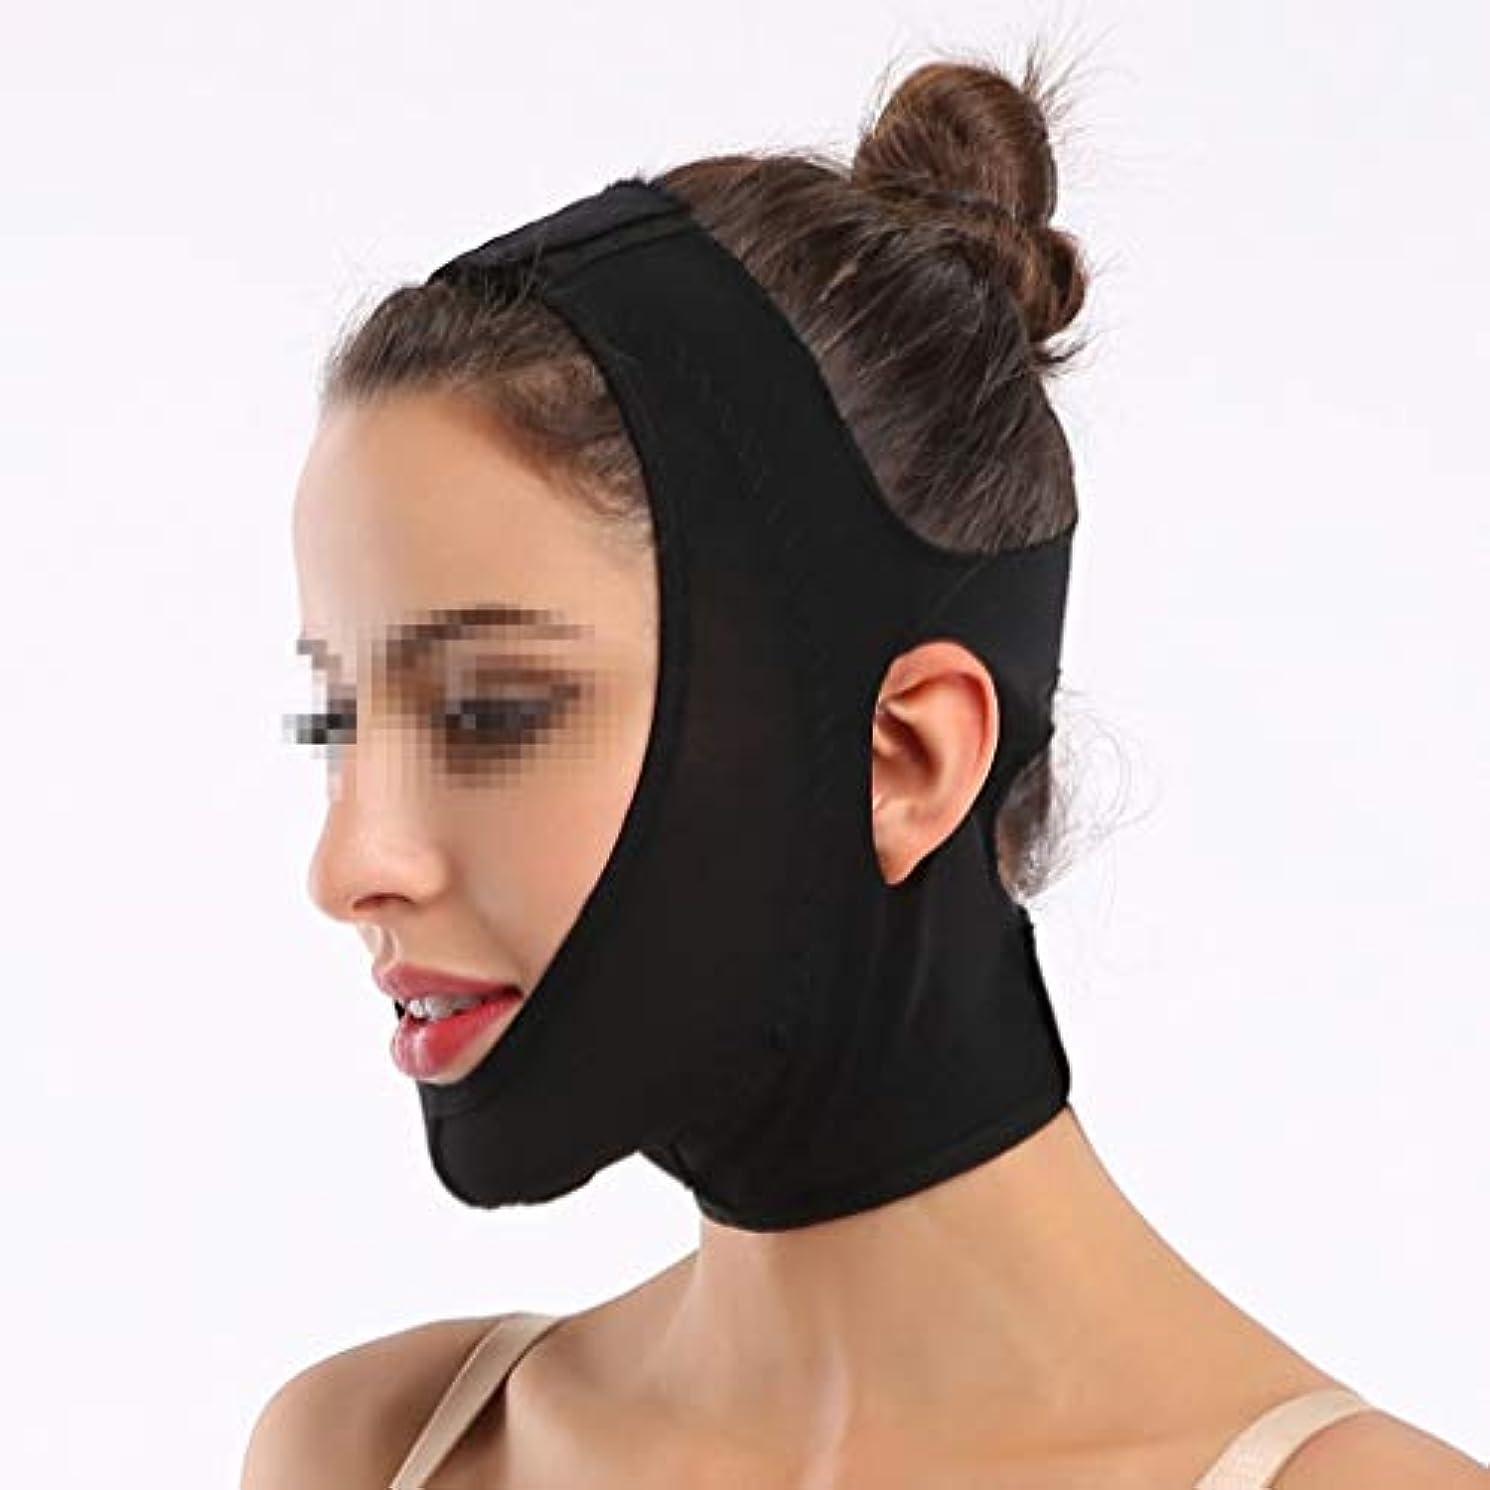 引数する必要がある初期のXHLMRMJ Vフェイスマスク、包帯マスクを持ち上げて引き締めるスキニービューティーサロン1日2時間Vフェイスマッサージ術後回復